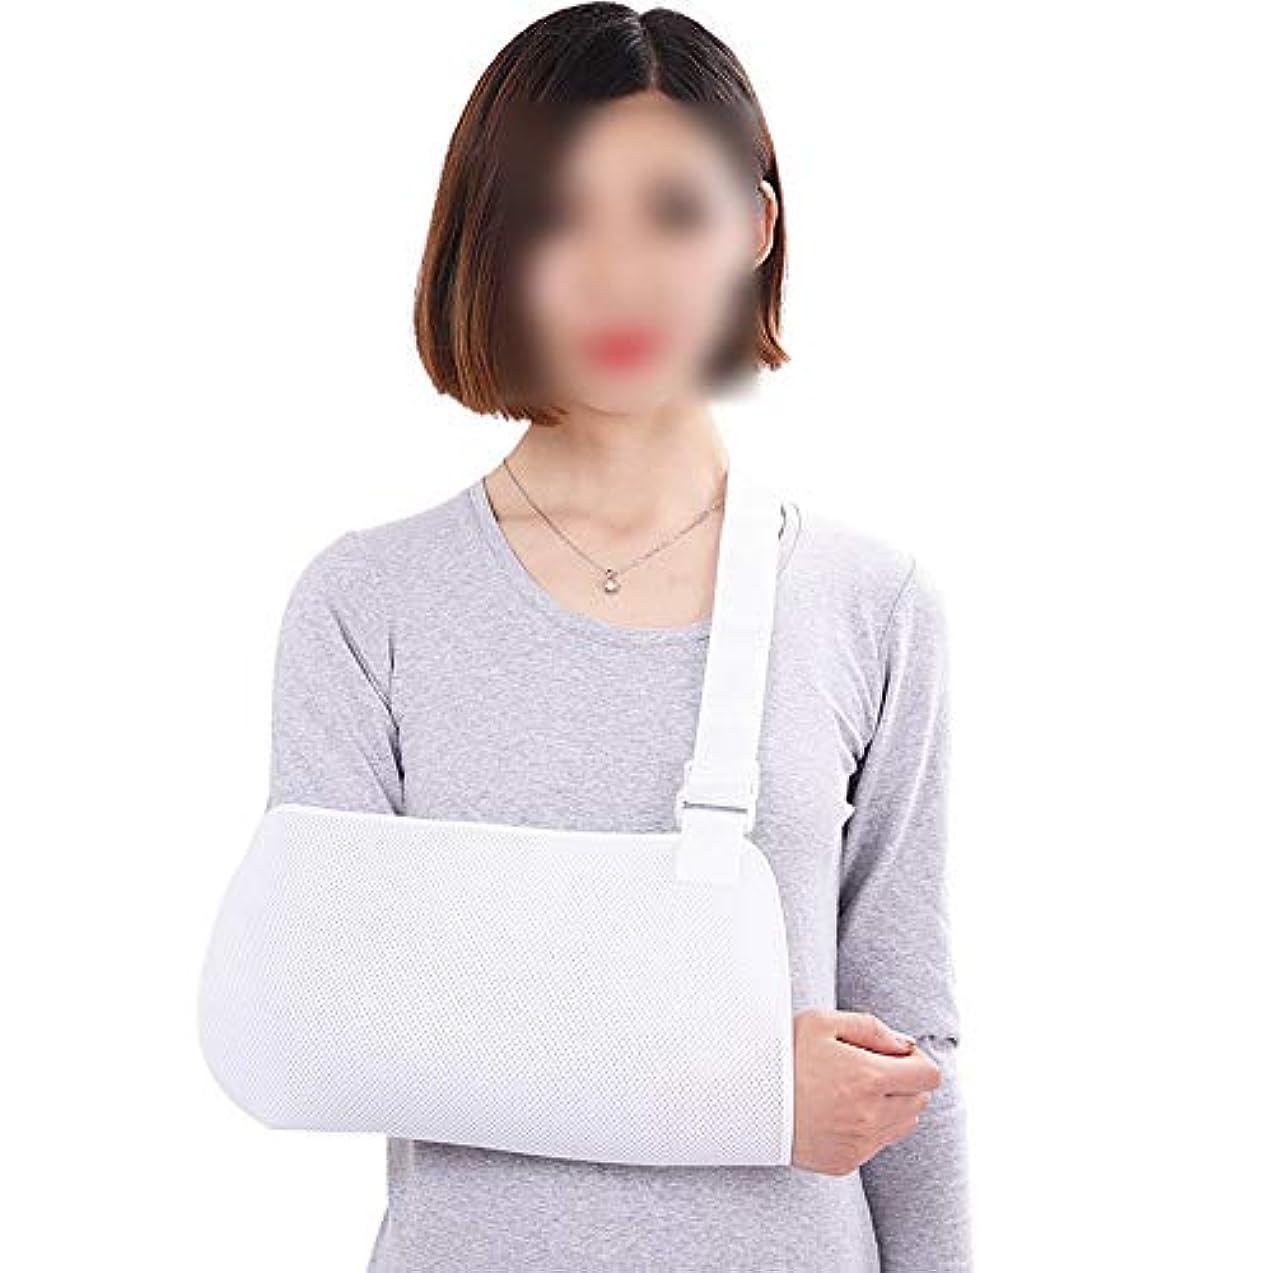 敬意を表する印をつける成果ZYL-YL ハンギングネック包帯ホワイト前腕ストラップ腕手首肘関節の肩関節骨折負傷ソリッド装具ツールアームスリング